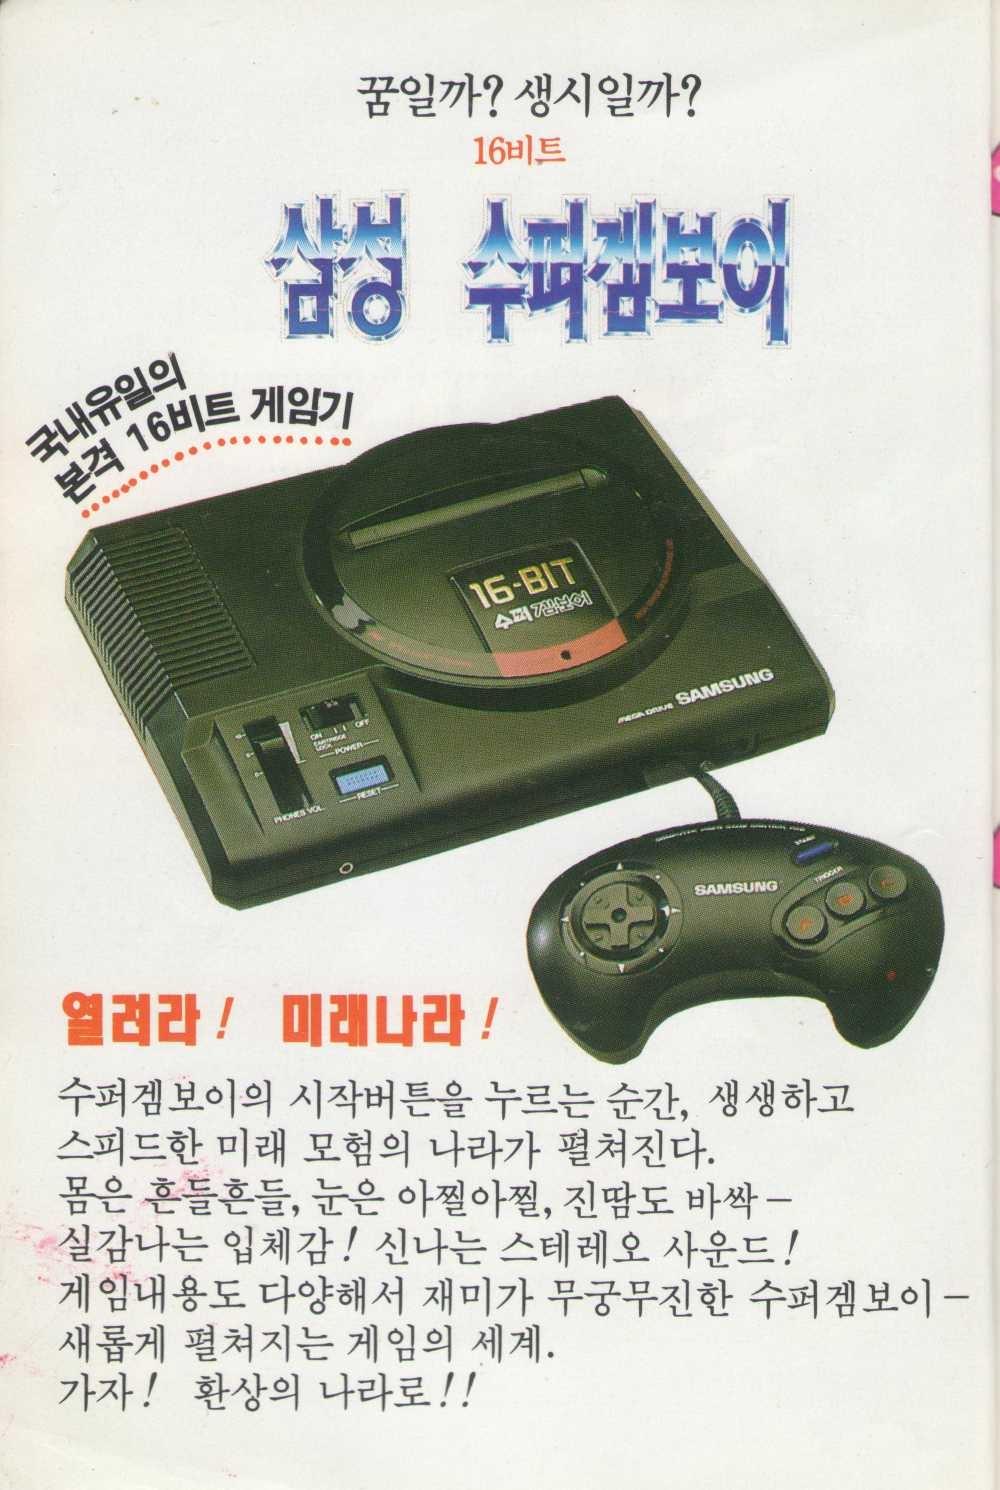 Samsung-Catalogue-SamsungGamBoyGameSoftwareIndex-KR-4.jpg